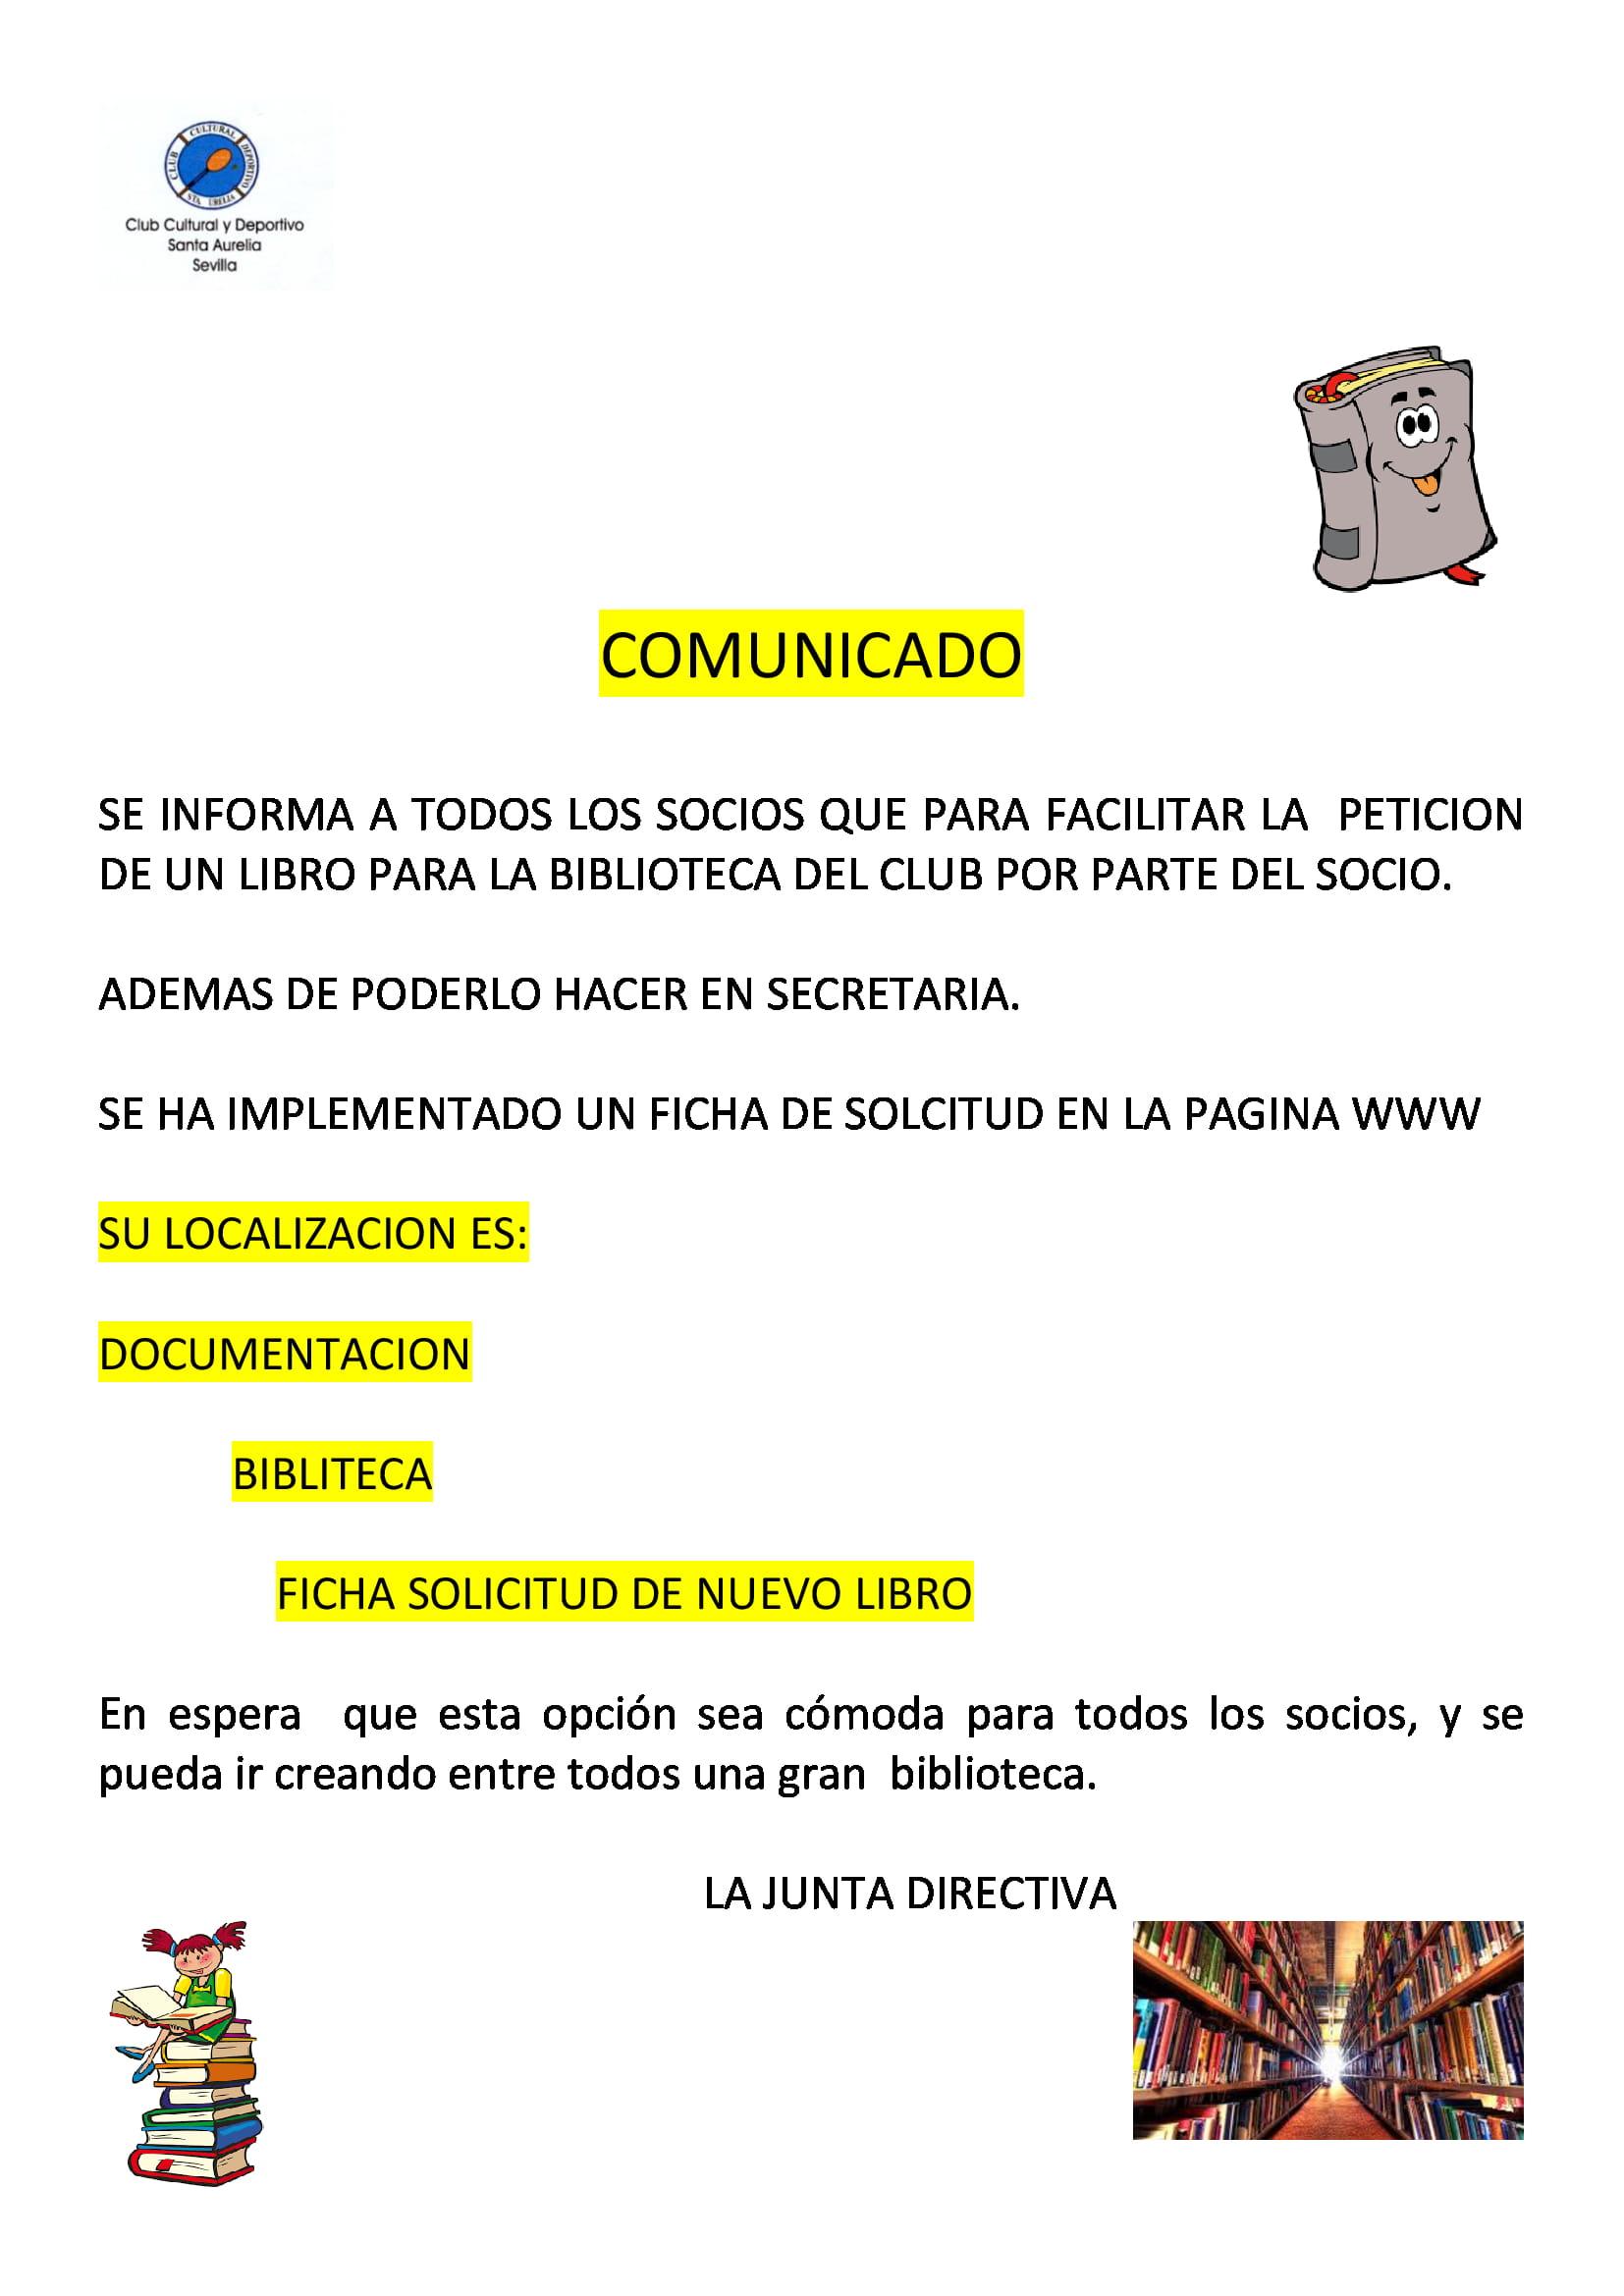 COMUNICADO SOLICITAR LIBRO A JD